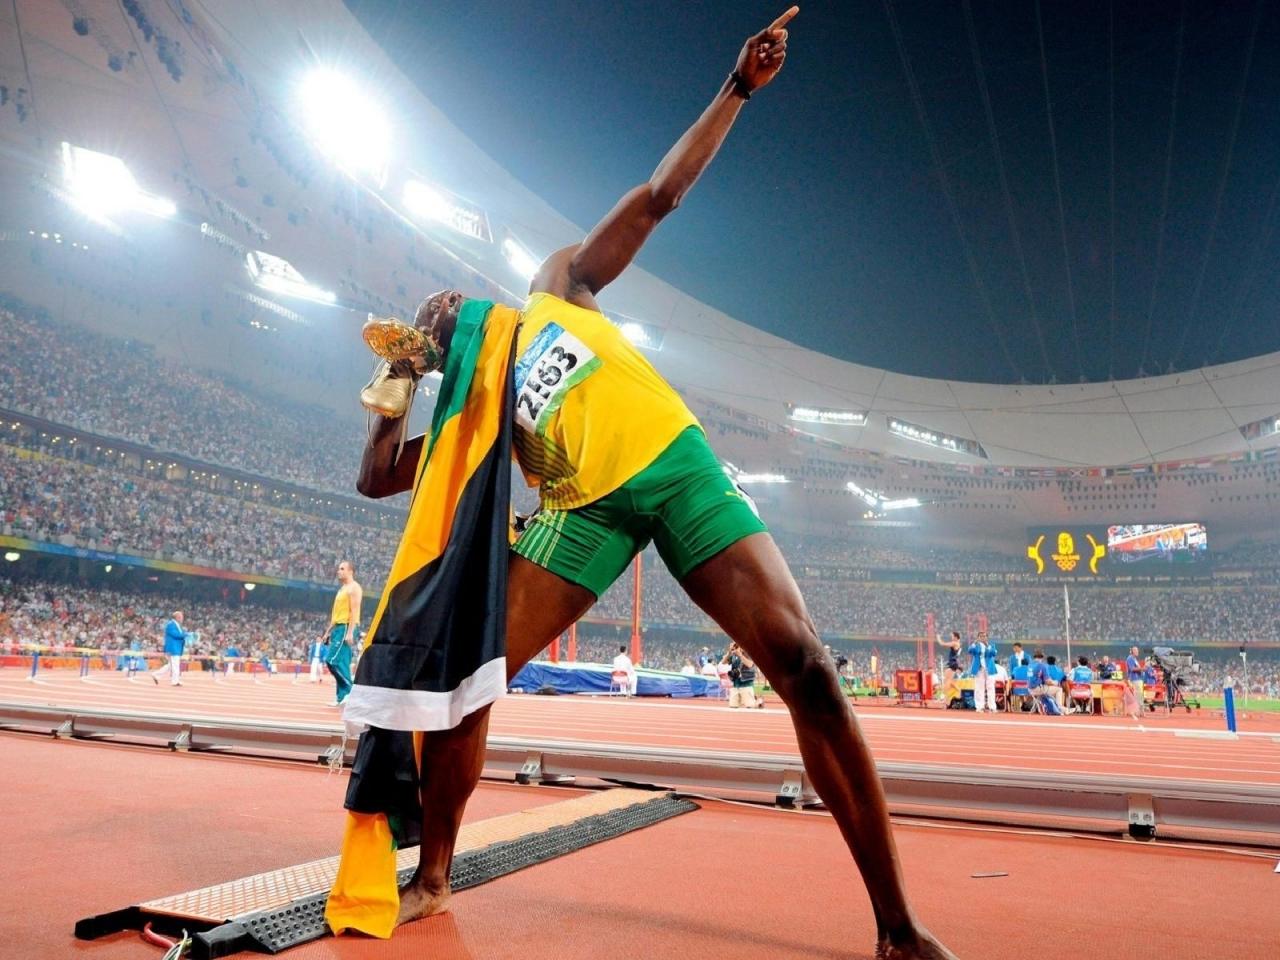 Usain Bolt en los juegos - 1280x960